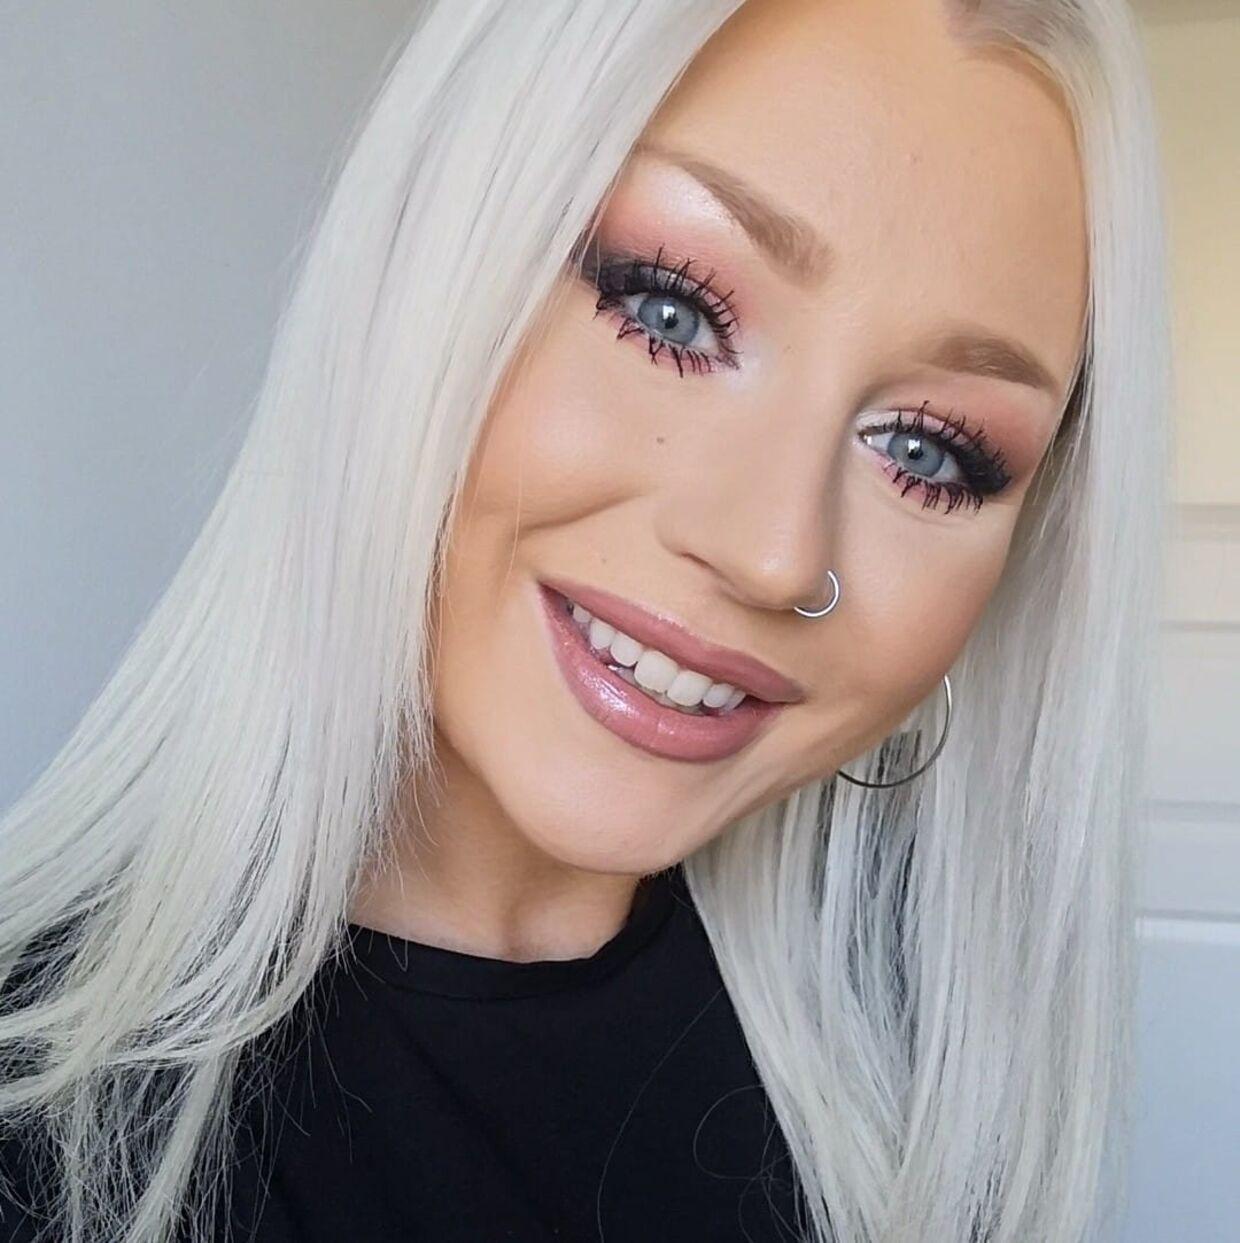 Sofie Bregnhøj var kun 14 år, da manden ifølge hende opfordrede hende til seksuelle ydelser, hun ikke var interesseret i.